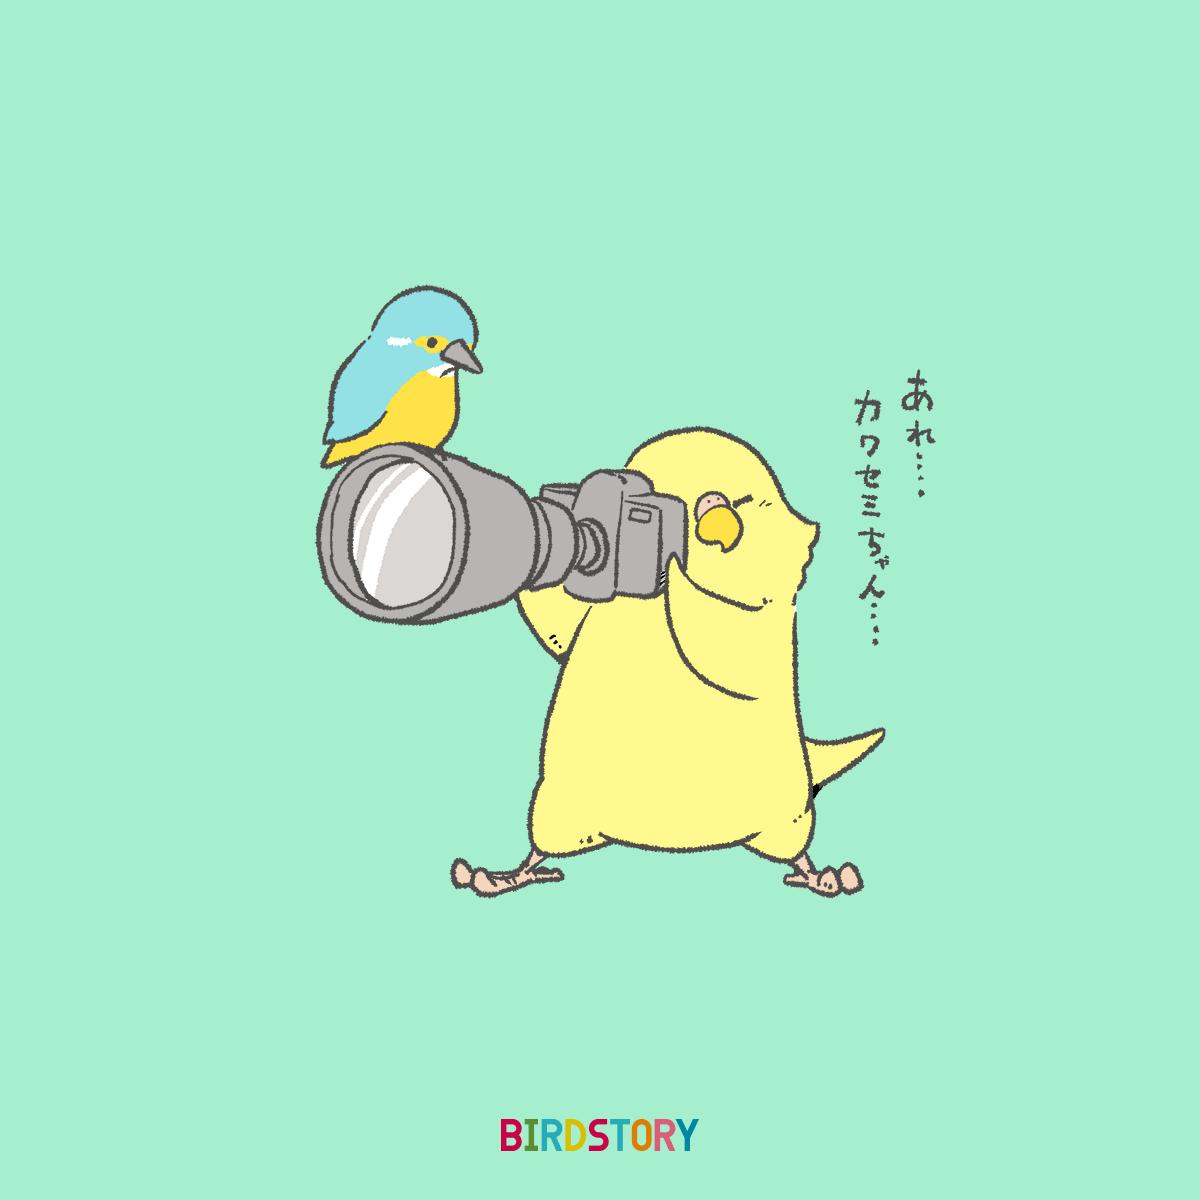 カワセミ野鳥撮影 フォトの日 BIRDSTORY